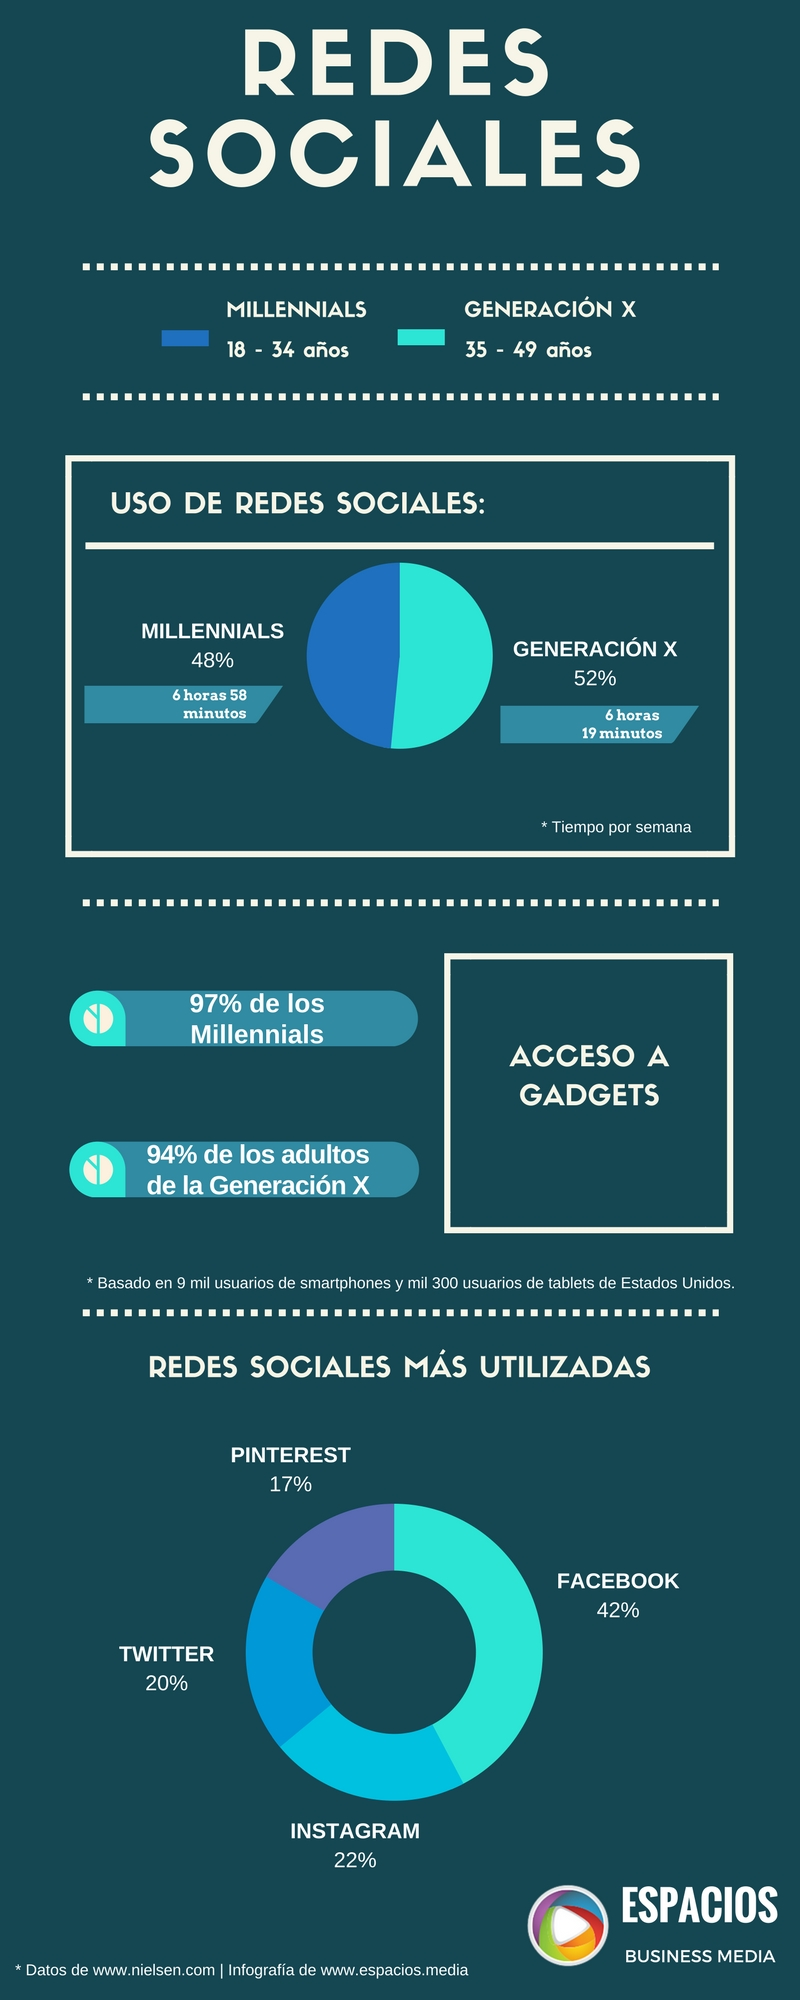 Uso de las Redes Sociales - Millennials - Generación X